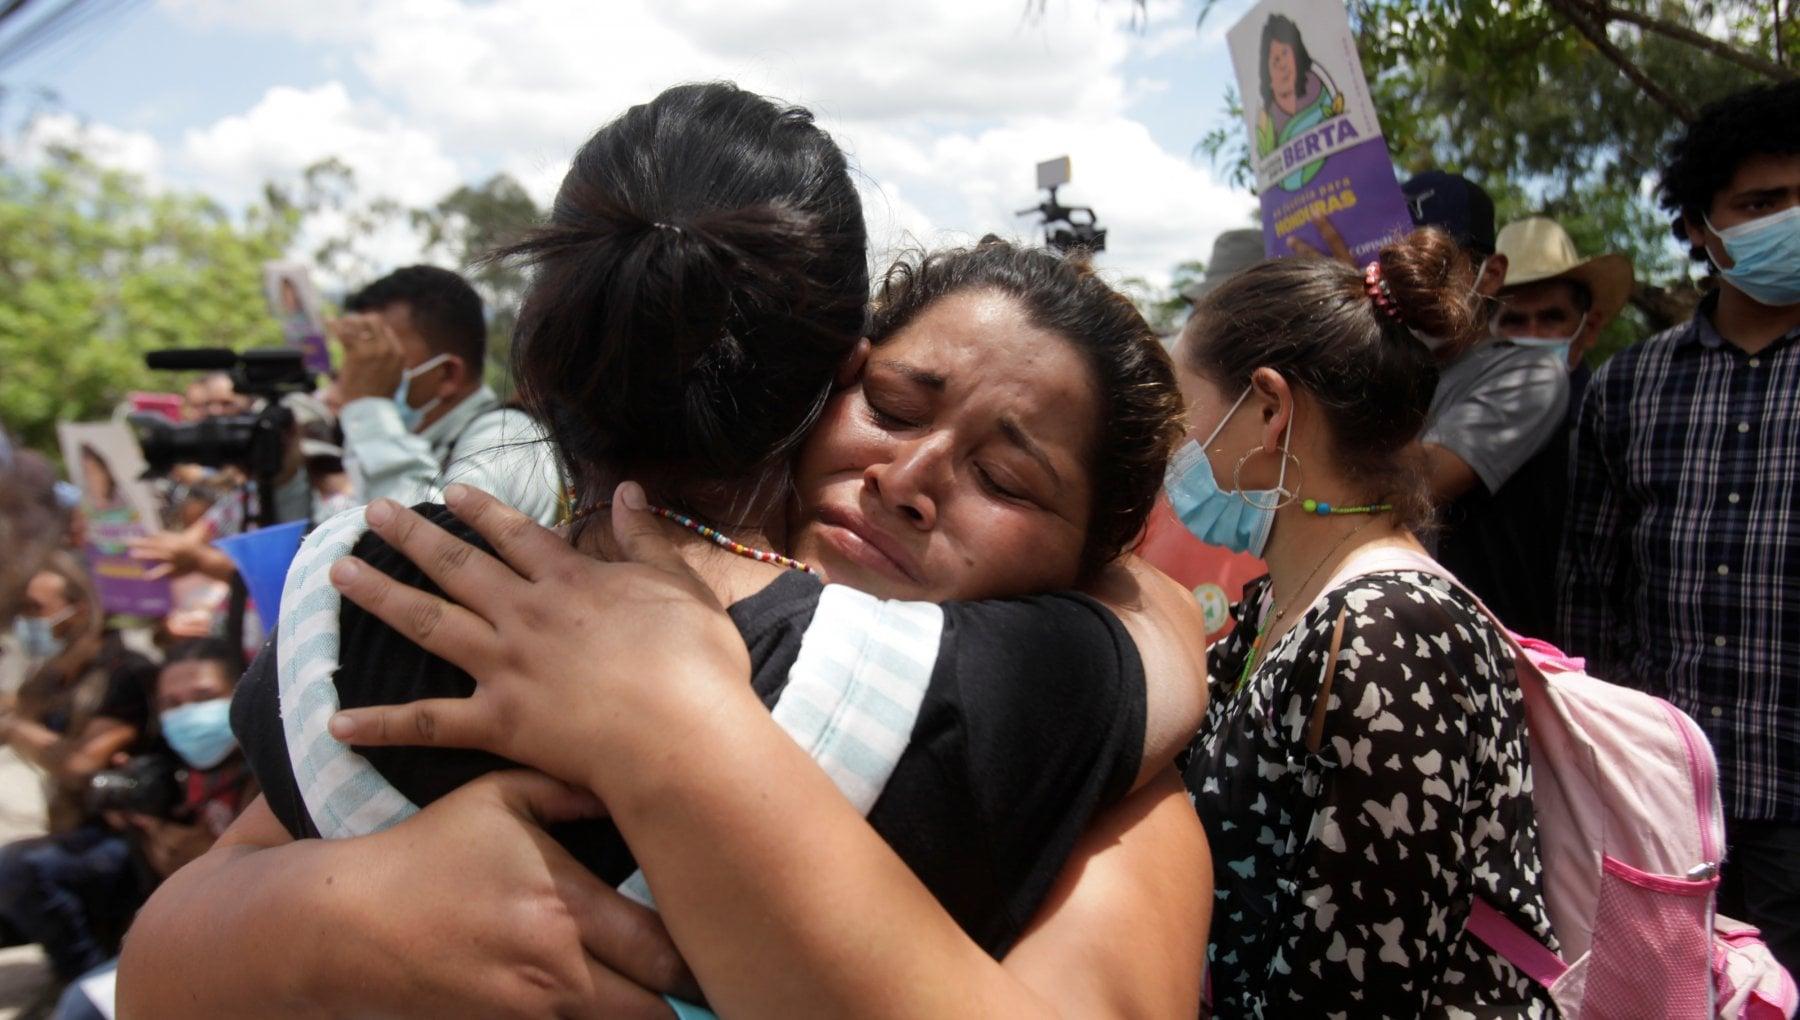 140343772 bb938d05 8c19 4d7b 9d8b 7d3787e58d99 - Honduras, l'ultima vittoria di Berta Caceres: condannato il mandante del suo omicidio